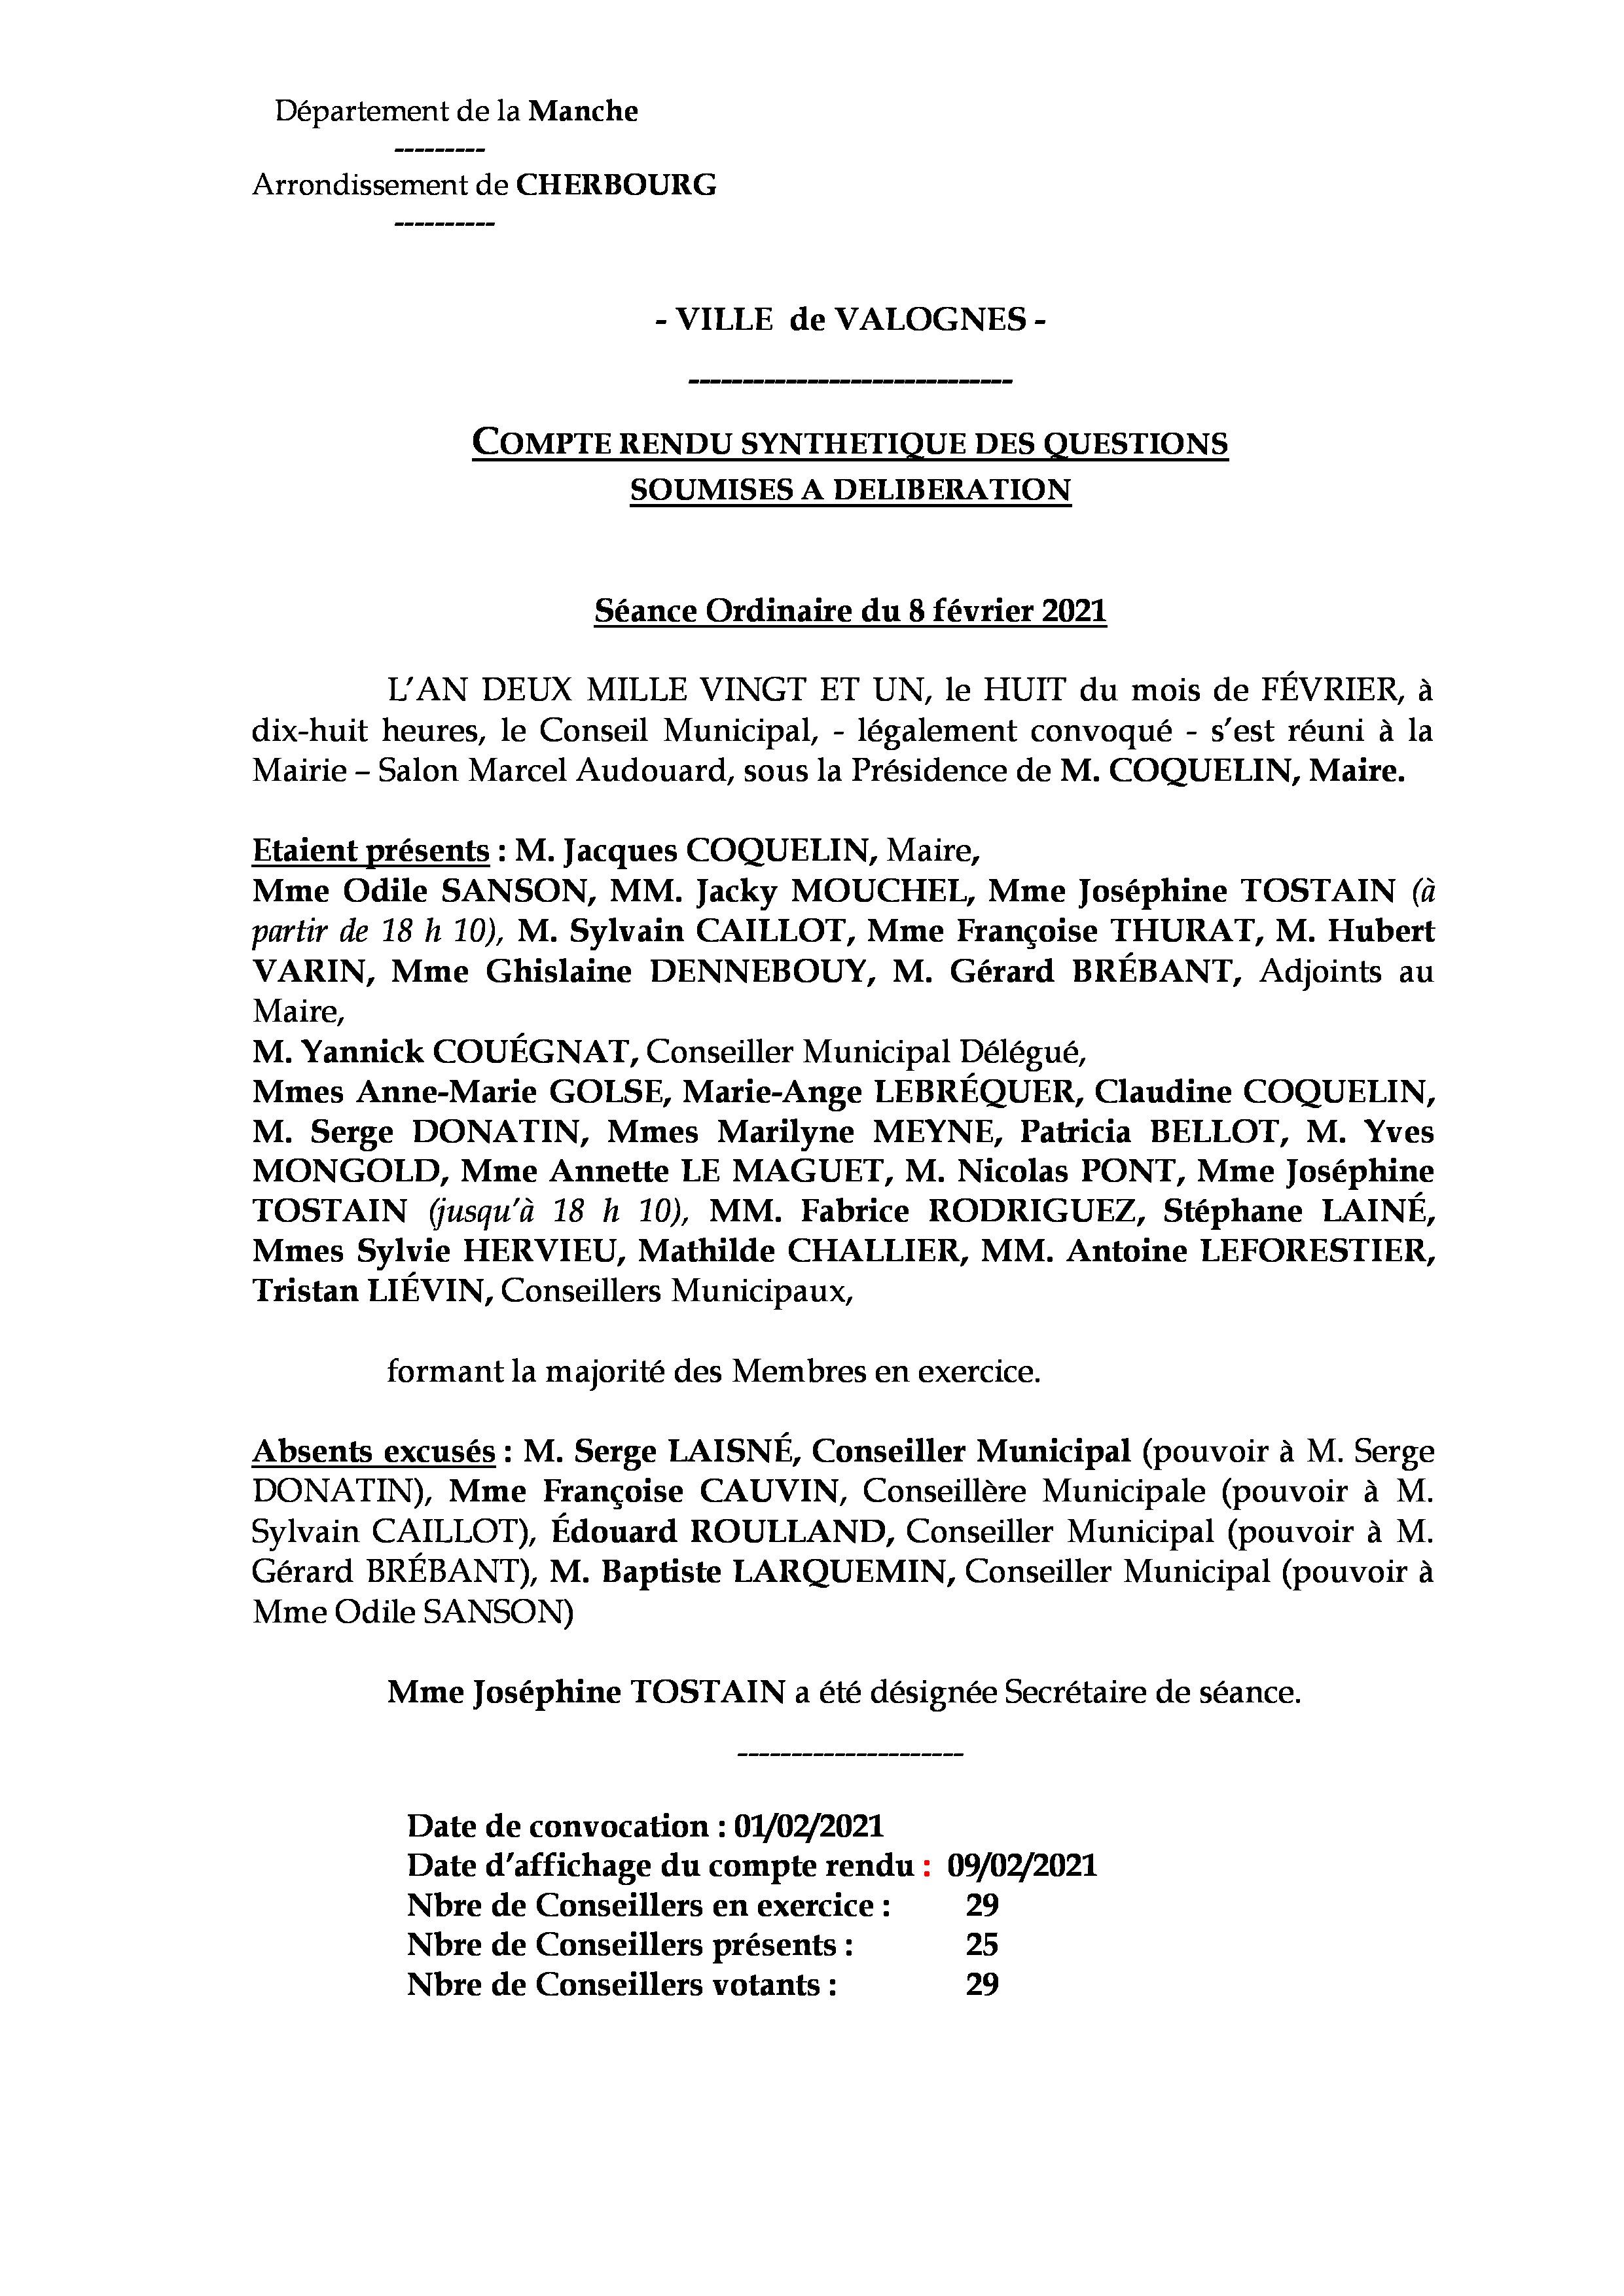 compte rendu synthétique 08 02 21 - Compte rendu synthétique des questions soumises à délibération lors de la séance du 8 février 2021.